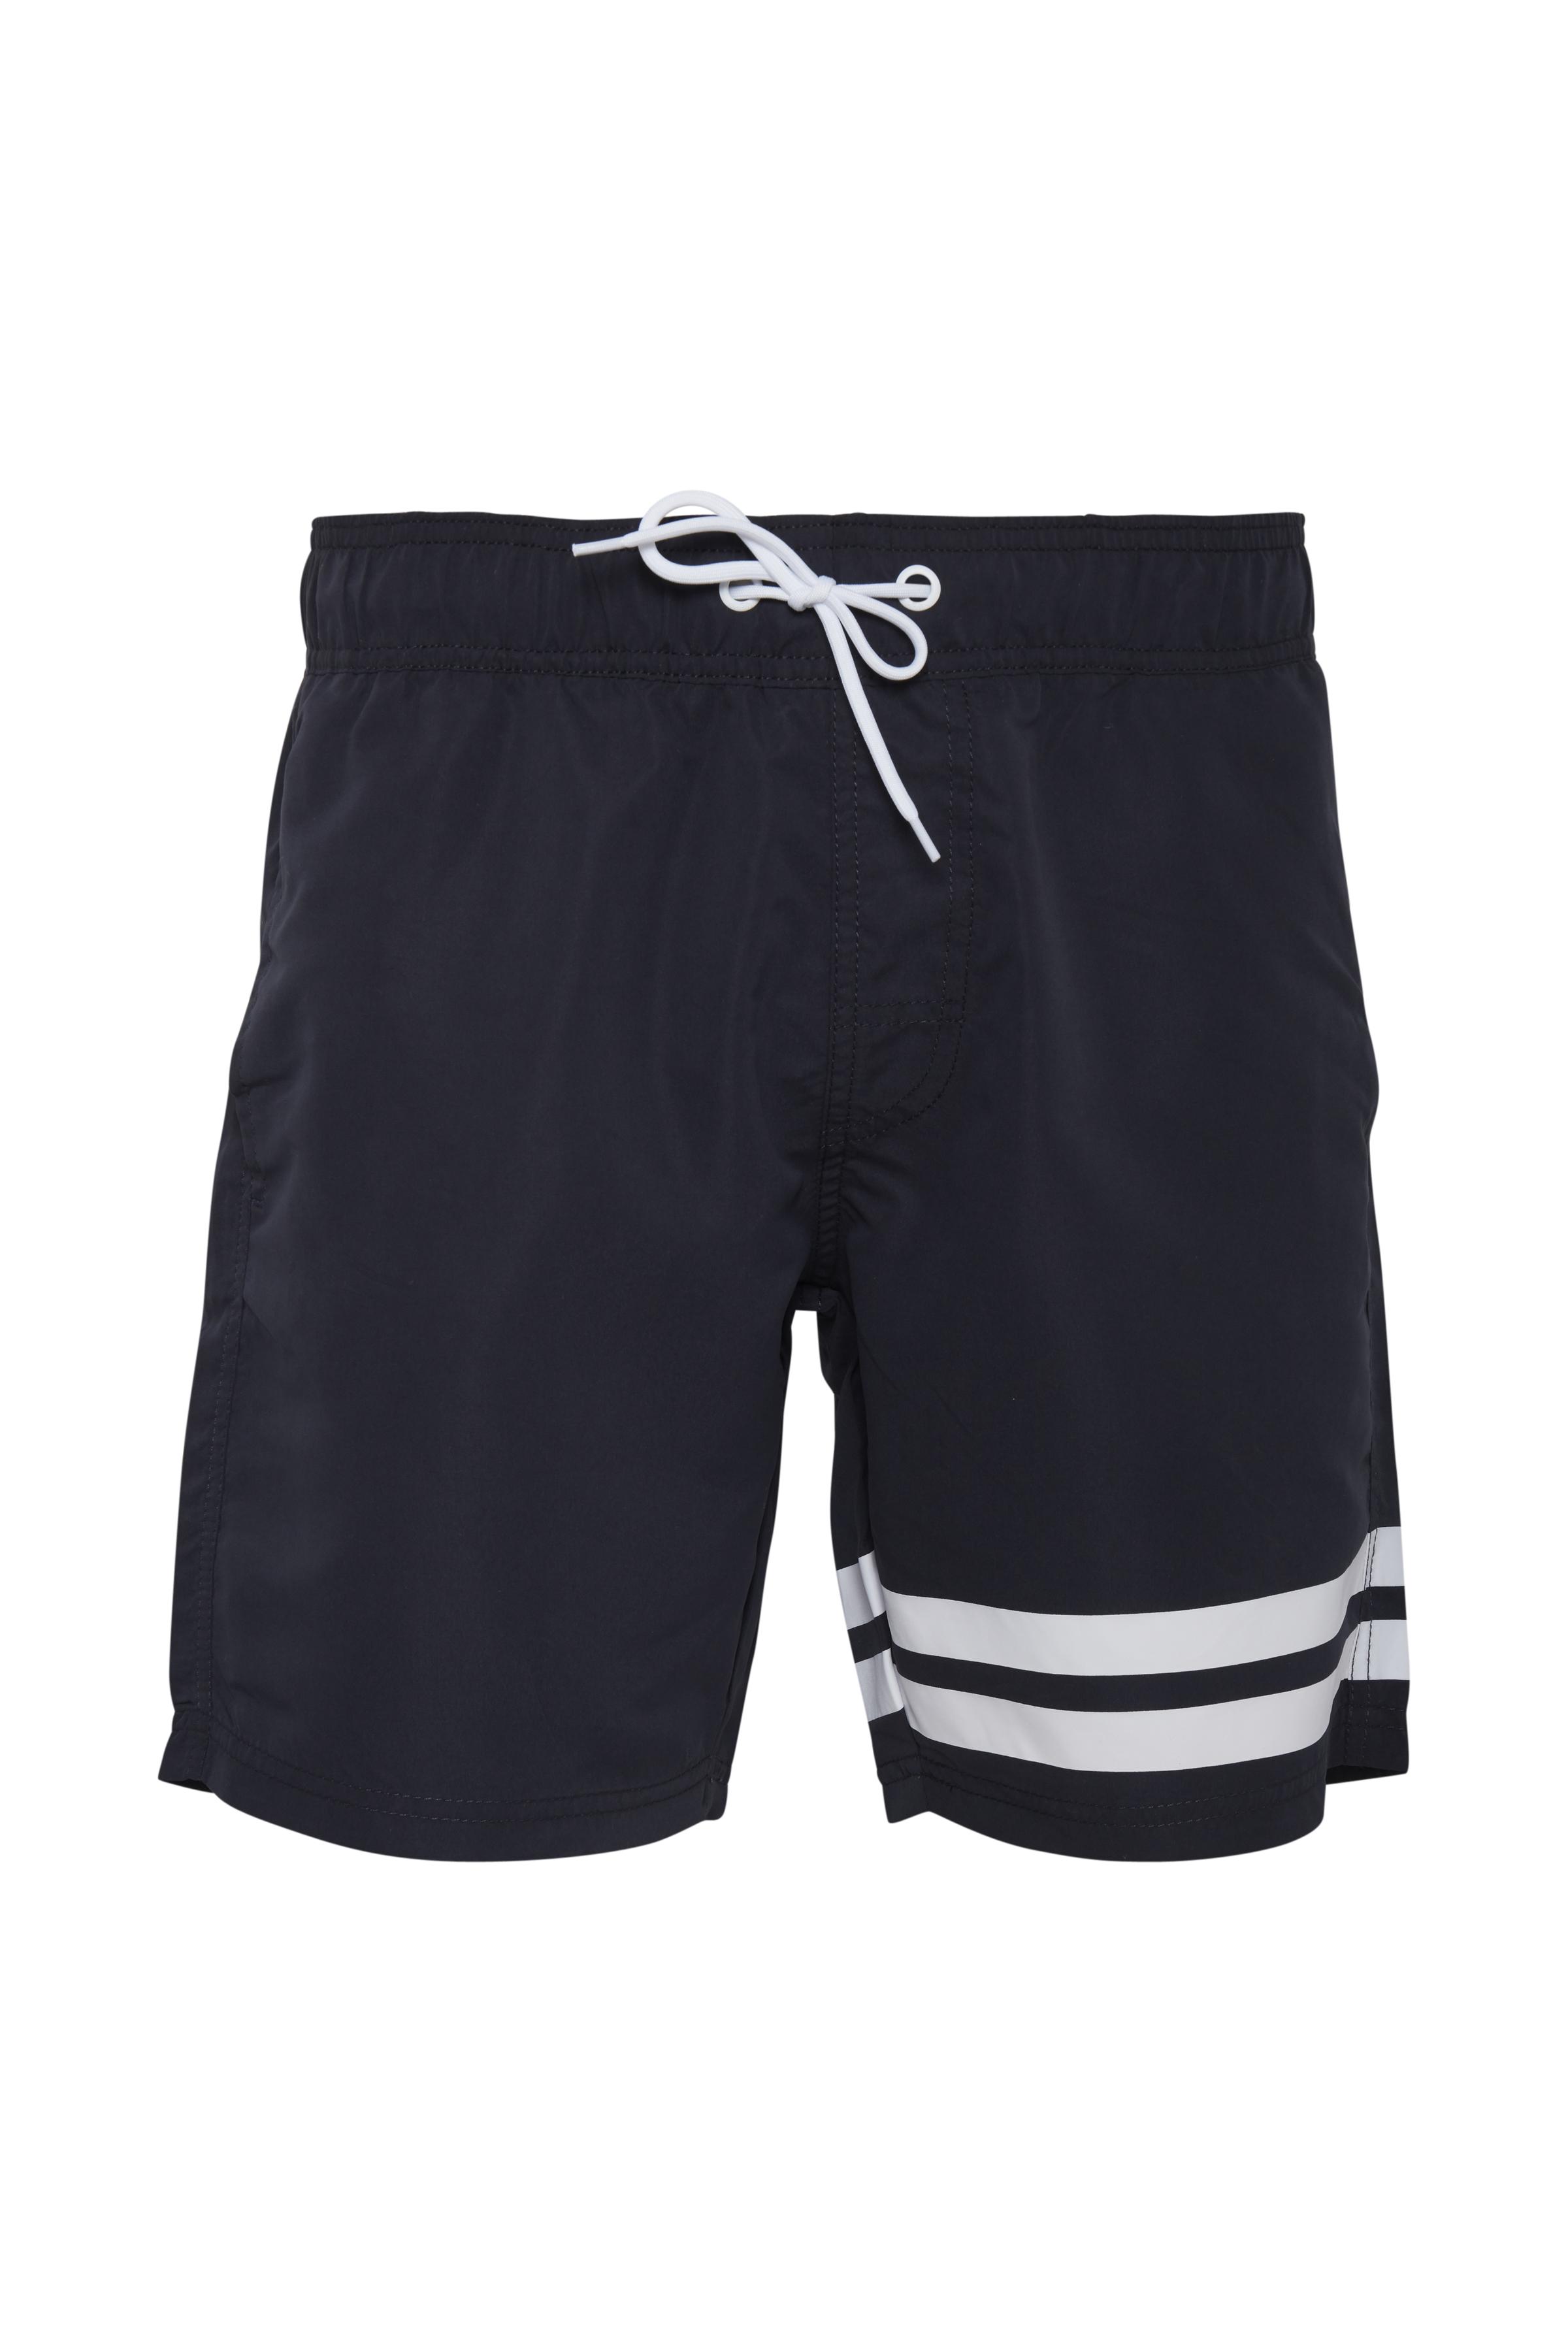 Black Badetøj – Køb Black Badetøj fra str. S-XXL her